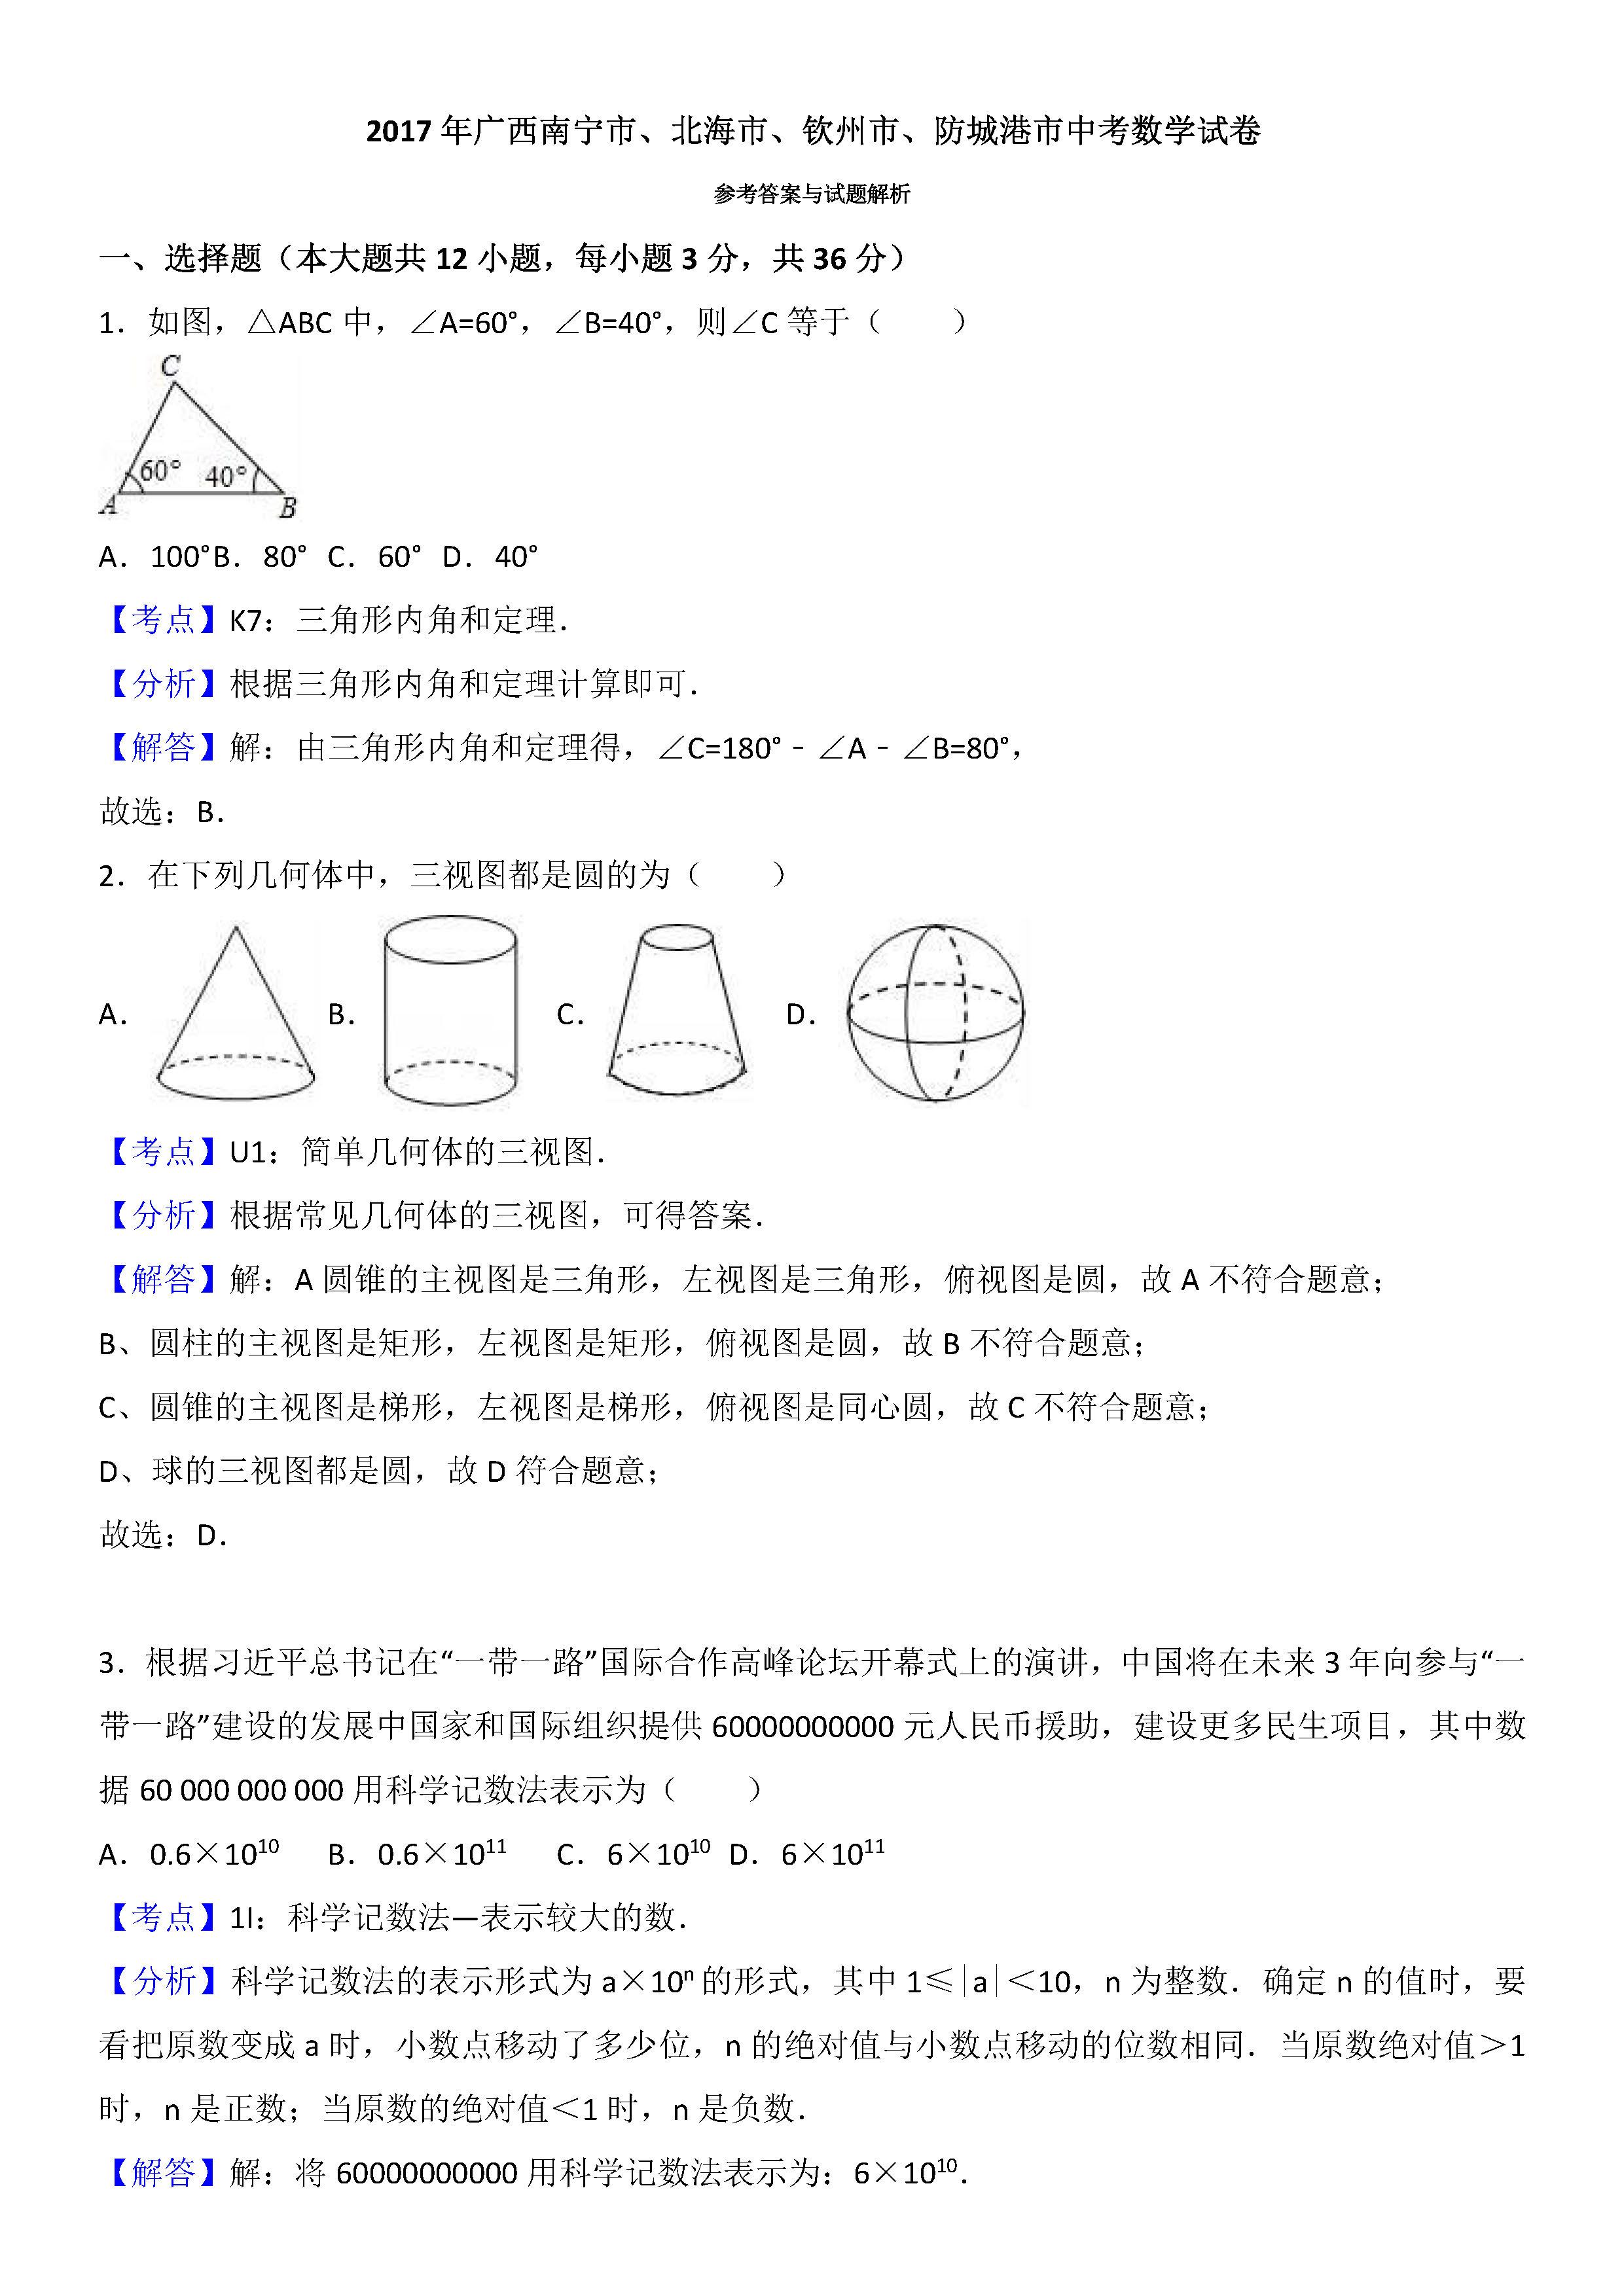 2017南宁中考数学试题及答案解析(word版含答案)